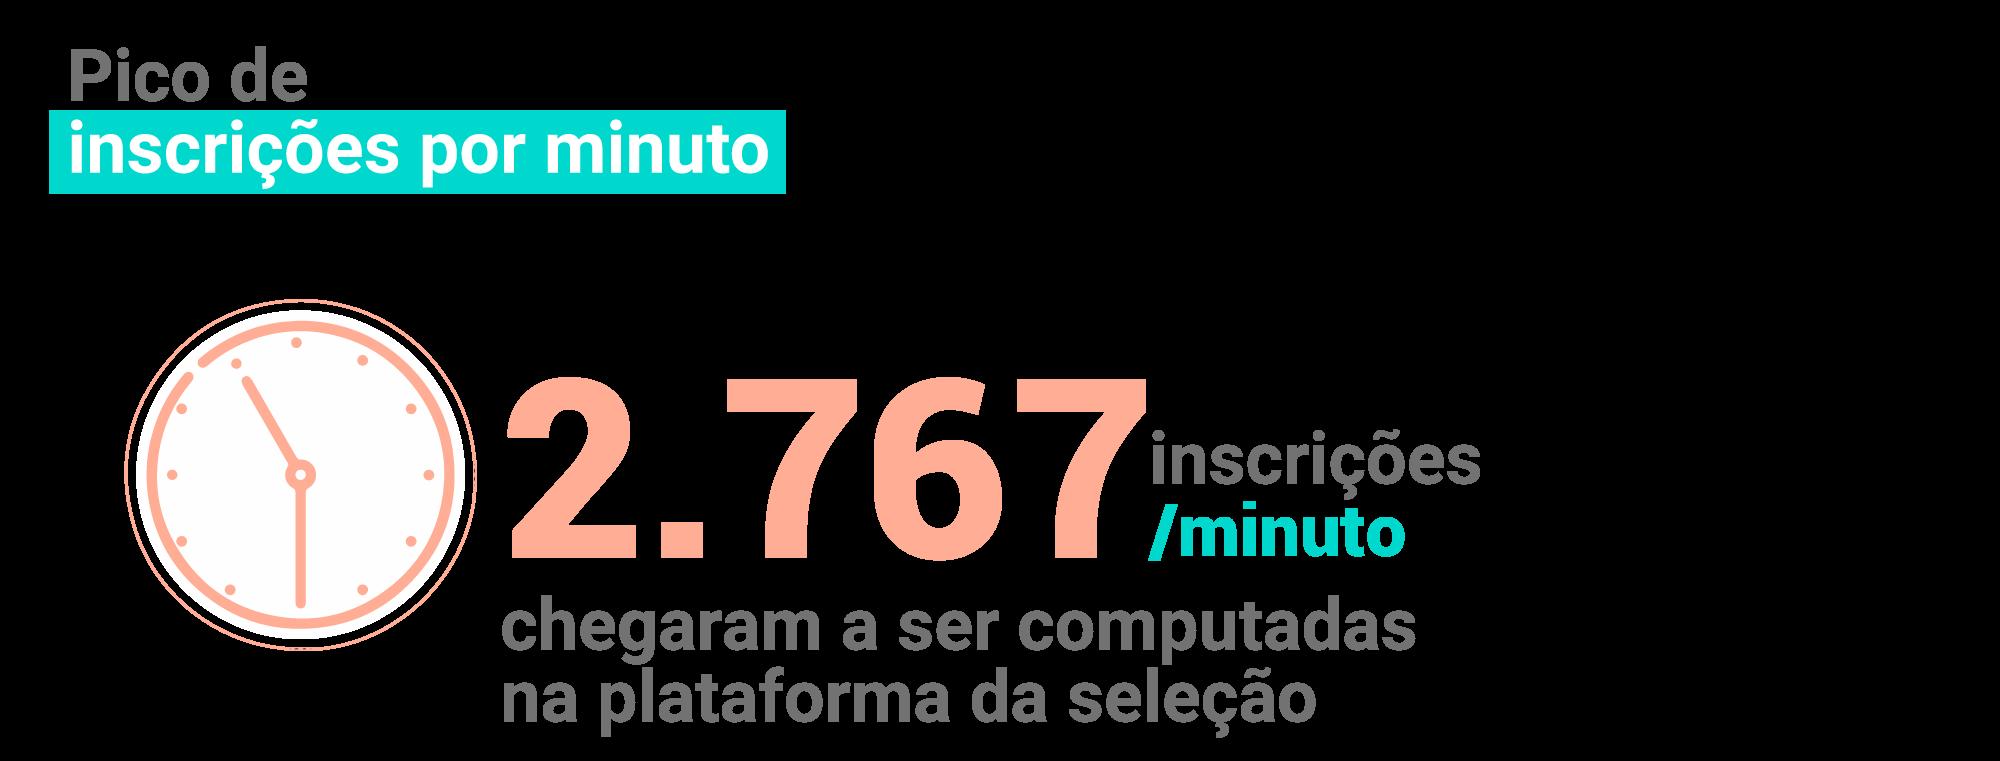 O portal computou até 2.767 inscrições por minuto